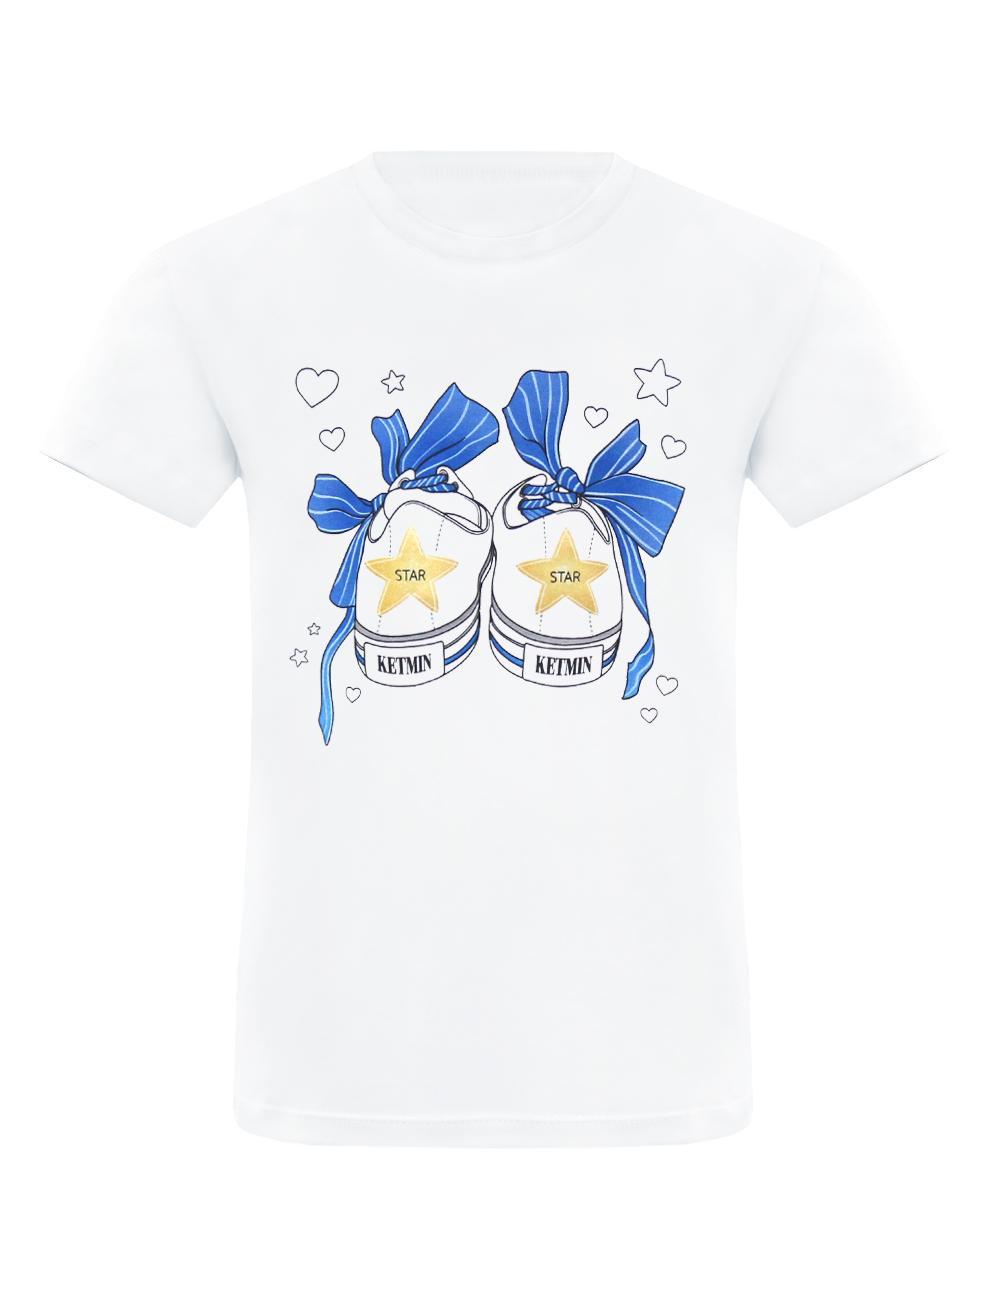 Детская футболка для девочки KETMIN Кеды цв.Белый/синий